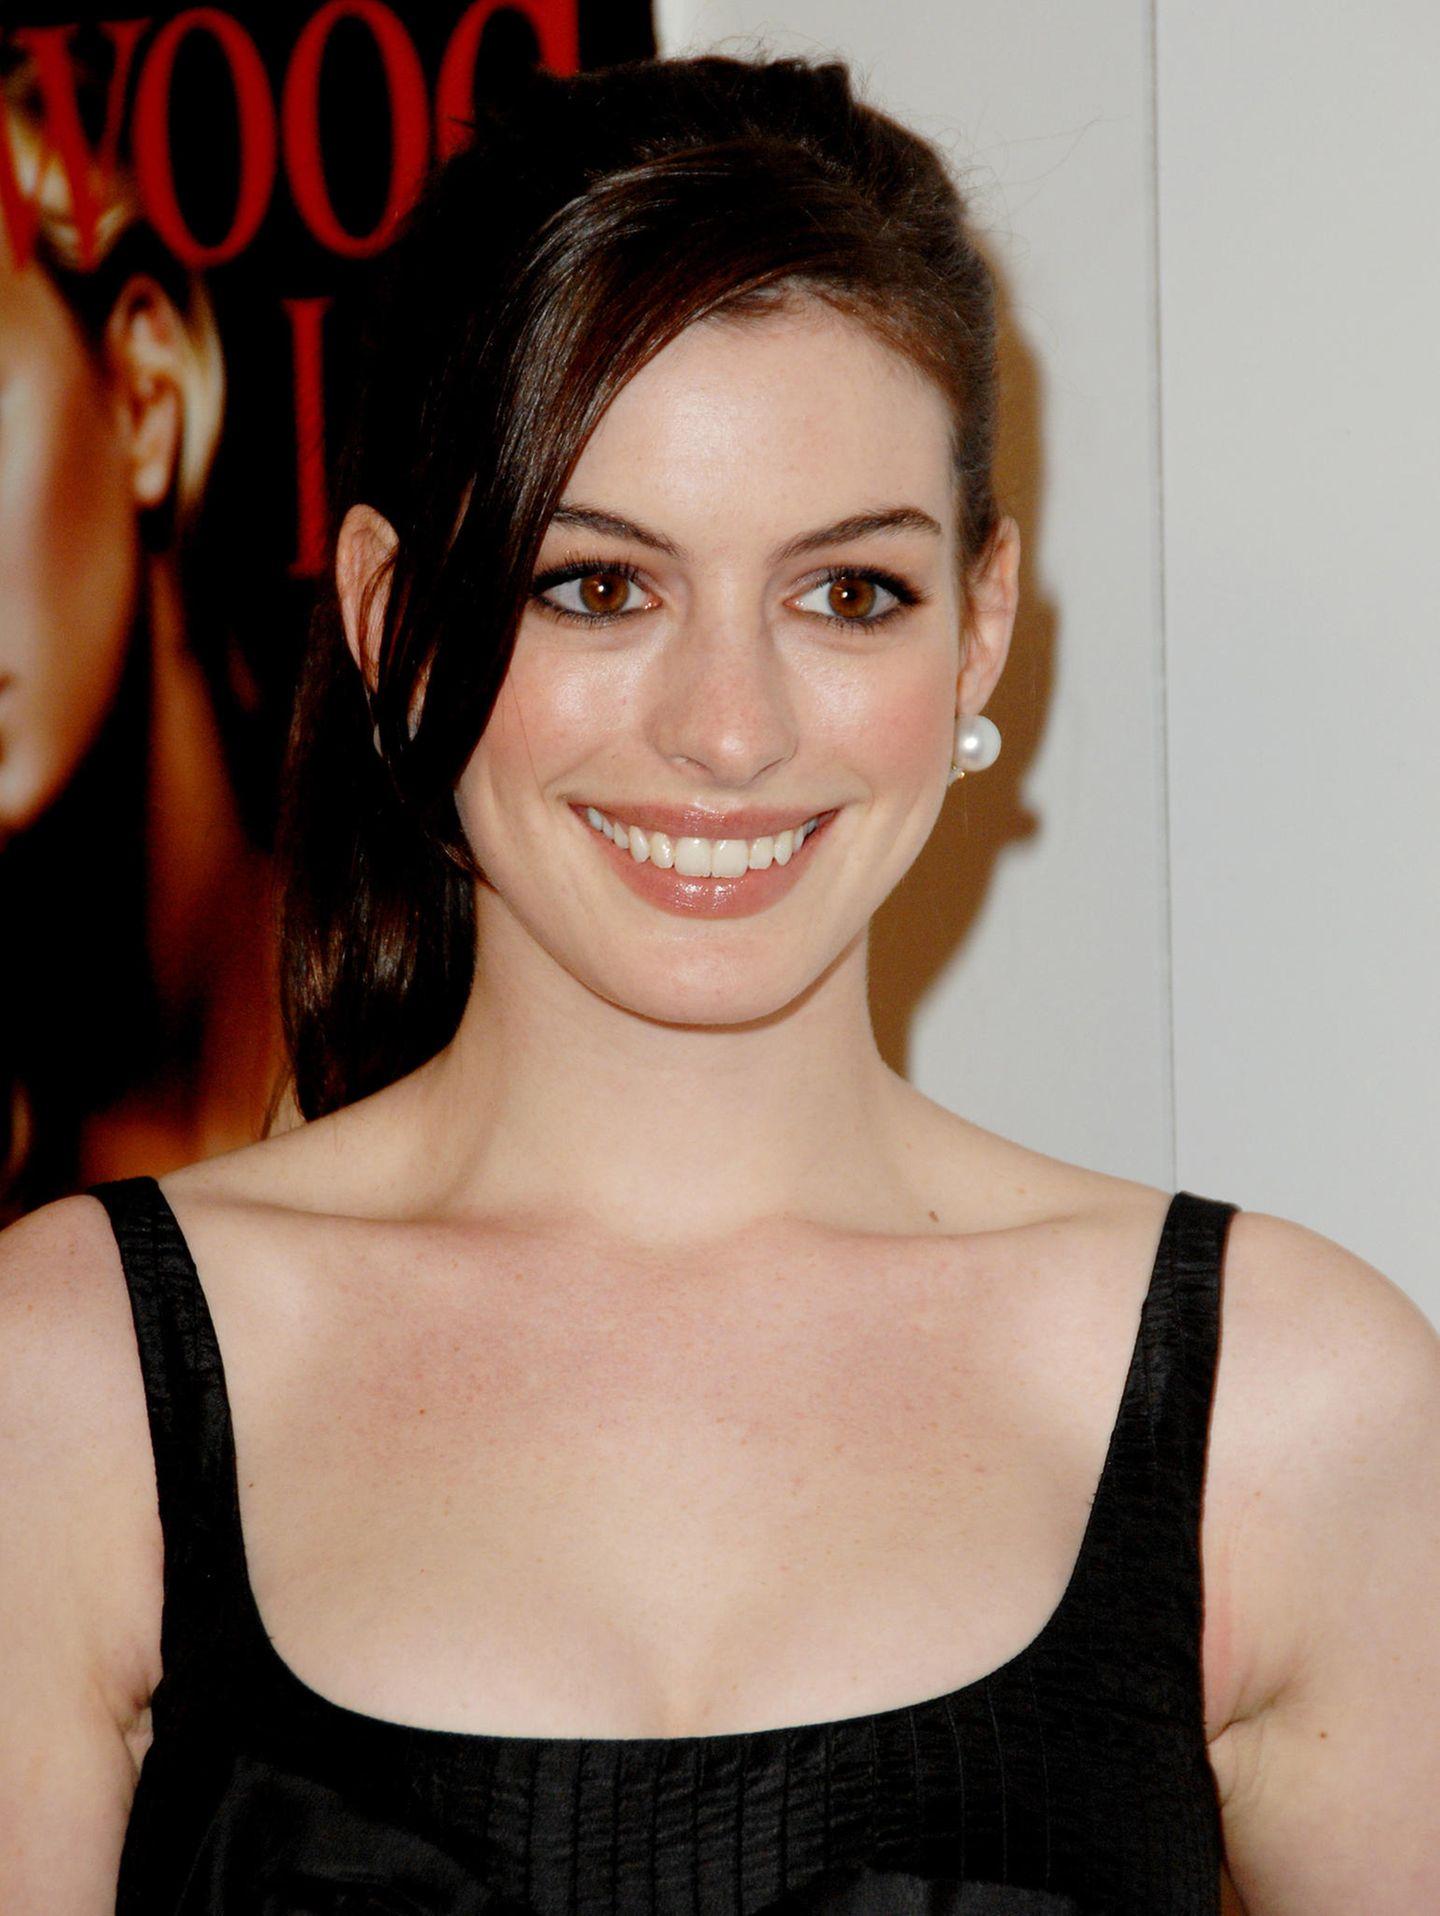 """Süß und unschuldig sah Schauspielerin Anne Hathaway 2006 in ihrer Rolle bei """"Der Teufel trägt Prada"""" aus. Genau so haben wir sie noch heute in Erinnerung. Wobei... Ein Detailhat sich tatsächlich sehr verändert."""